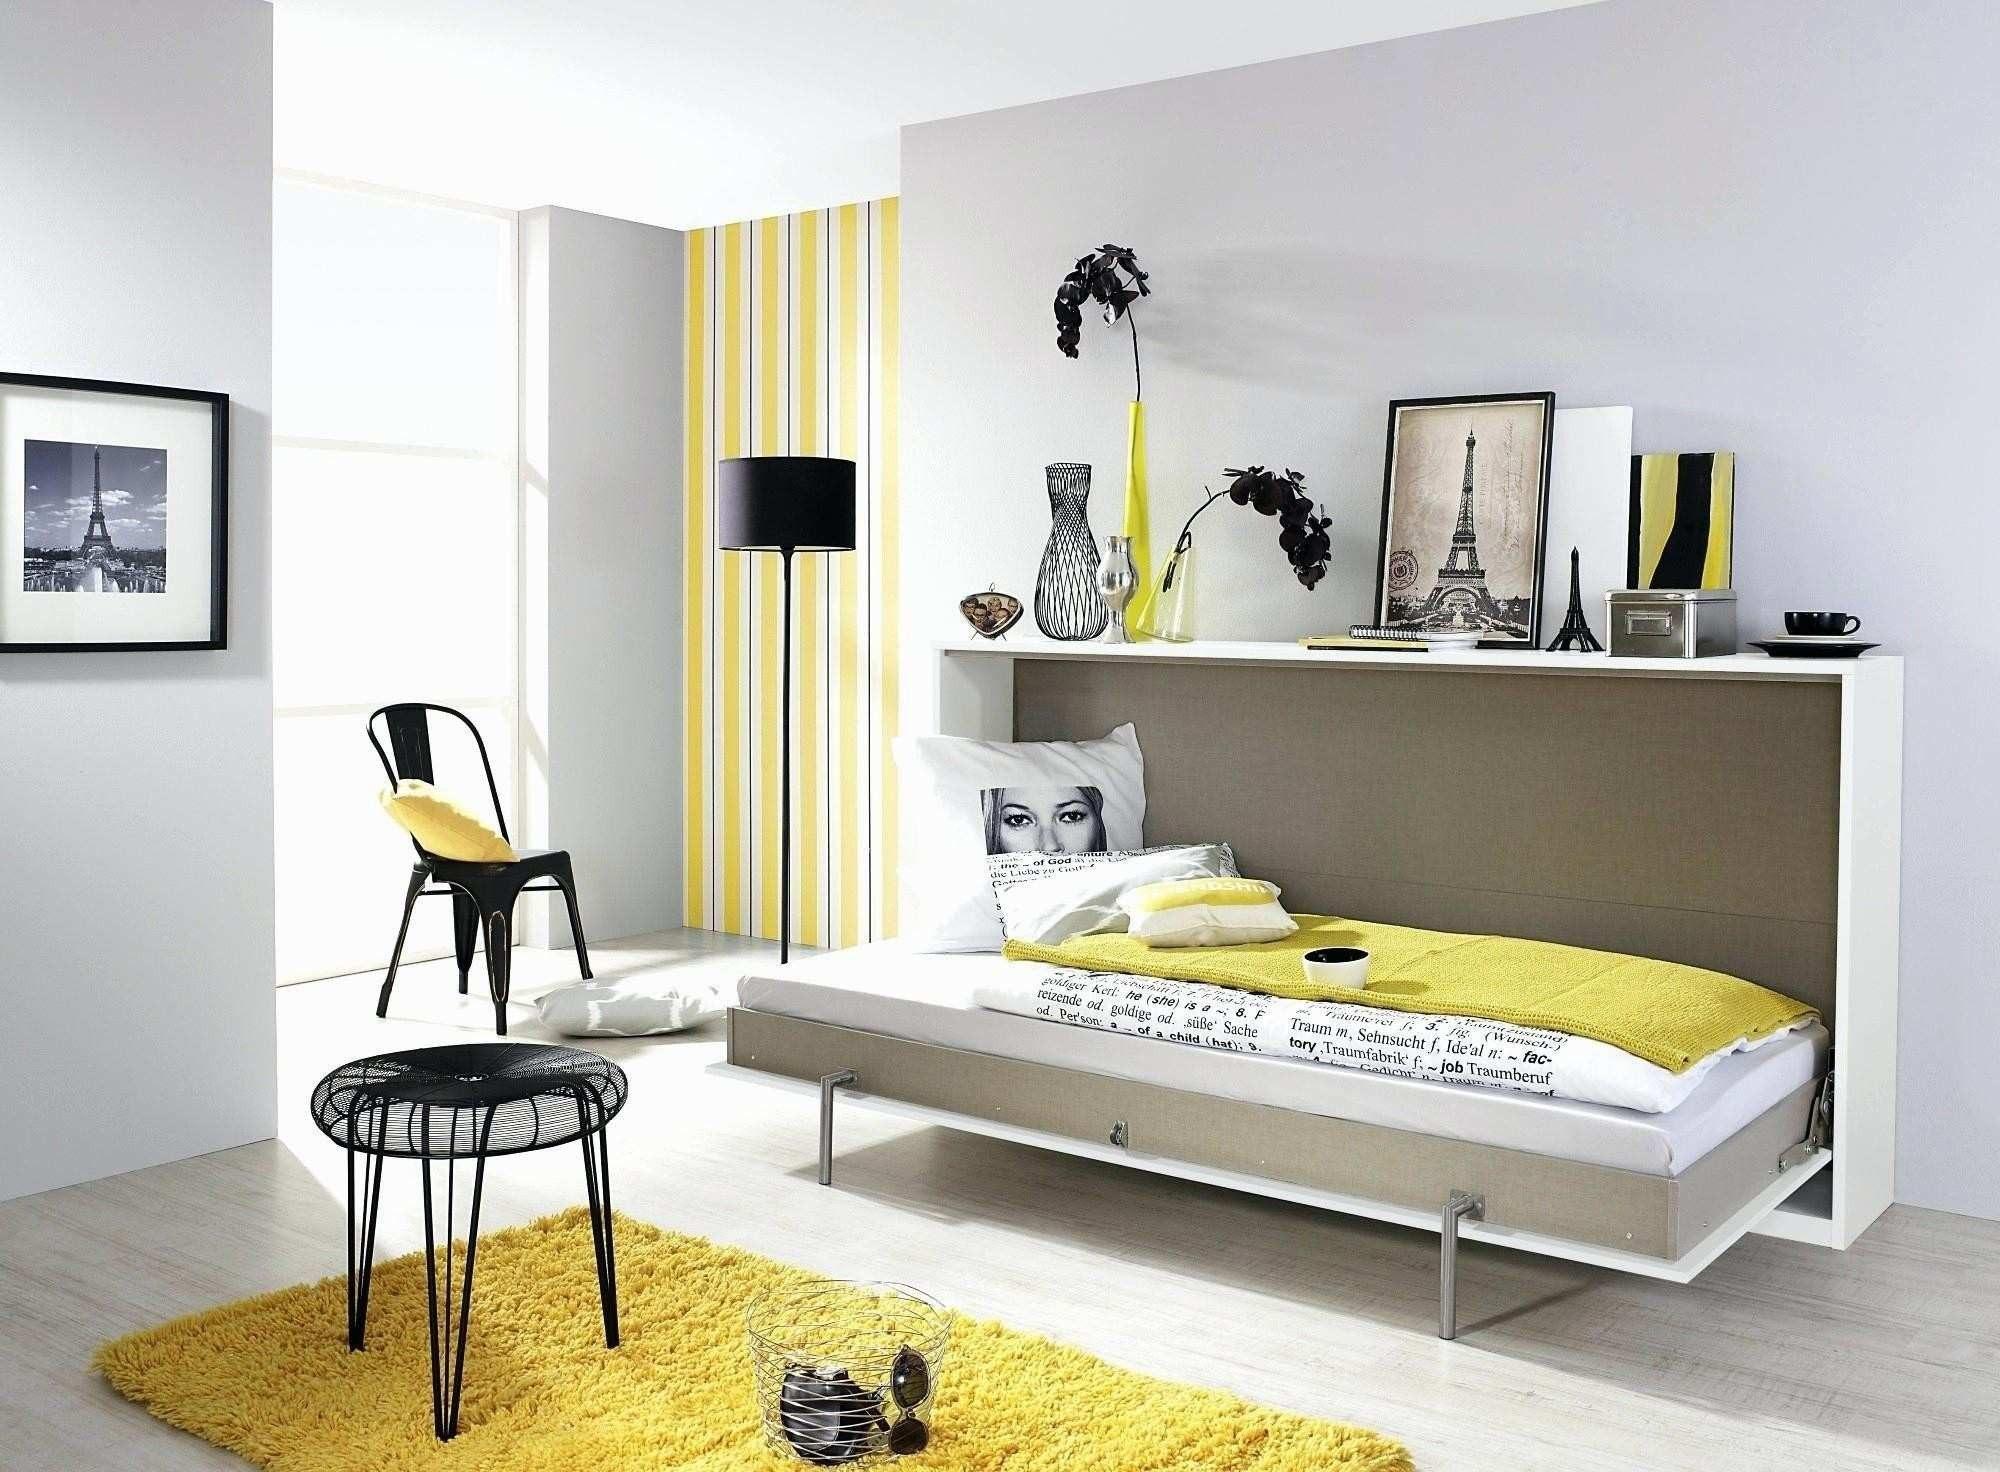 Lit Pas Cher Ikea Le Luxe Divin Canape Angle Pas Cher Design  Lit Convertible 2 Places Ikea